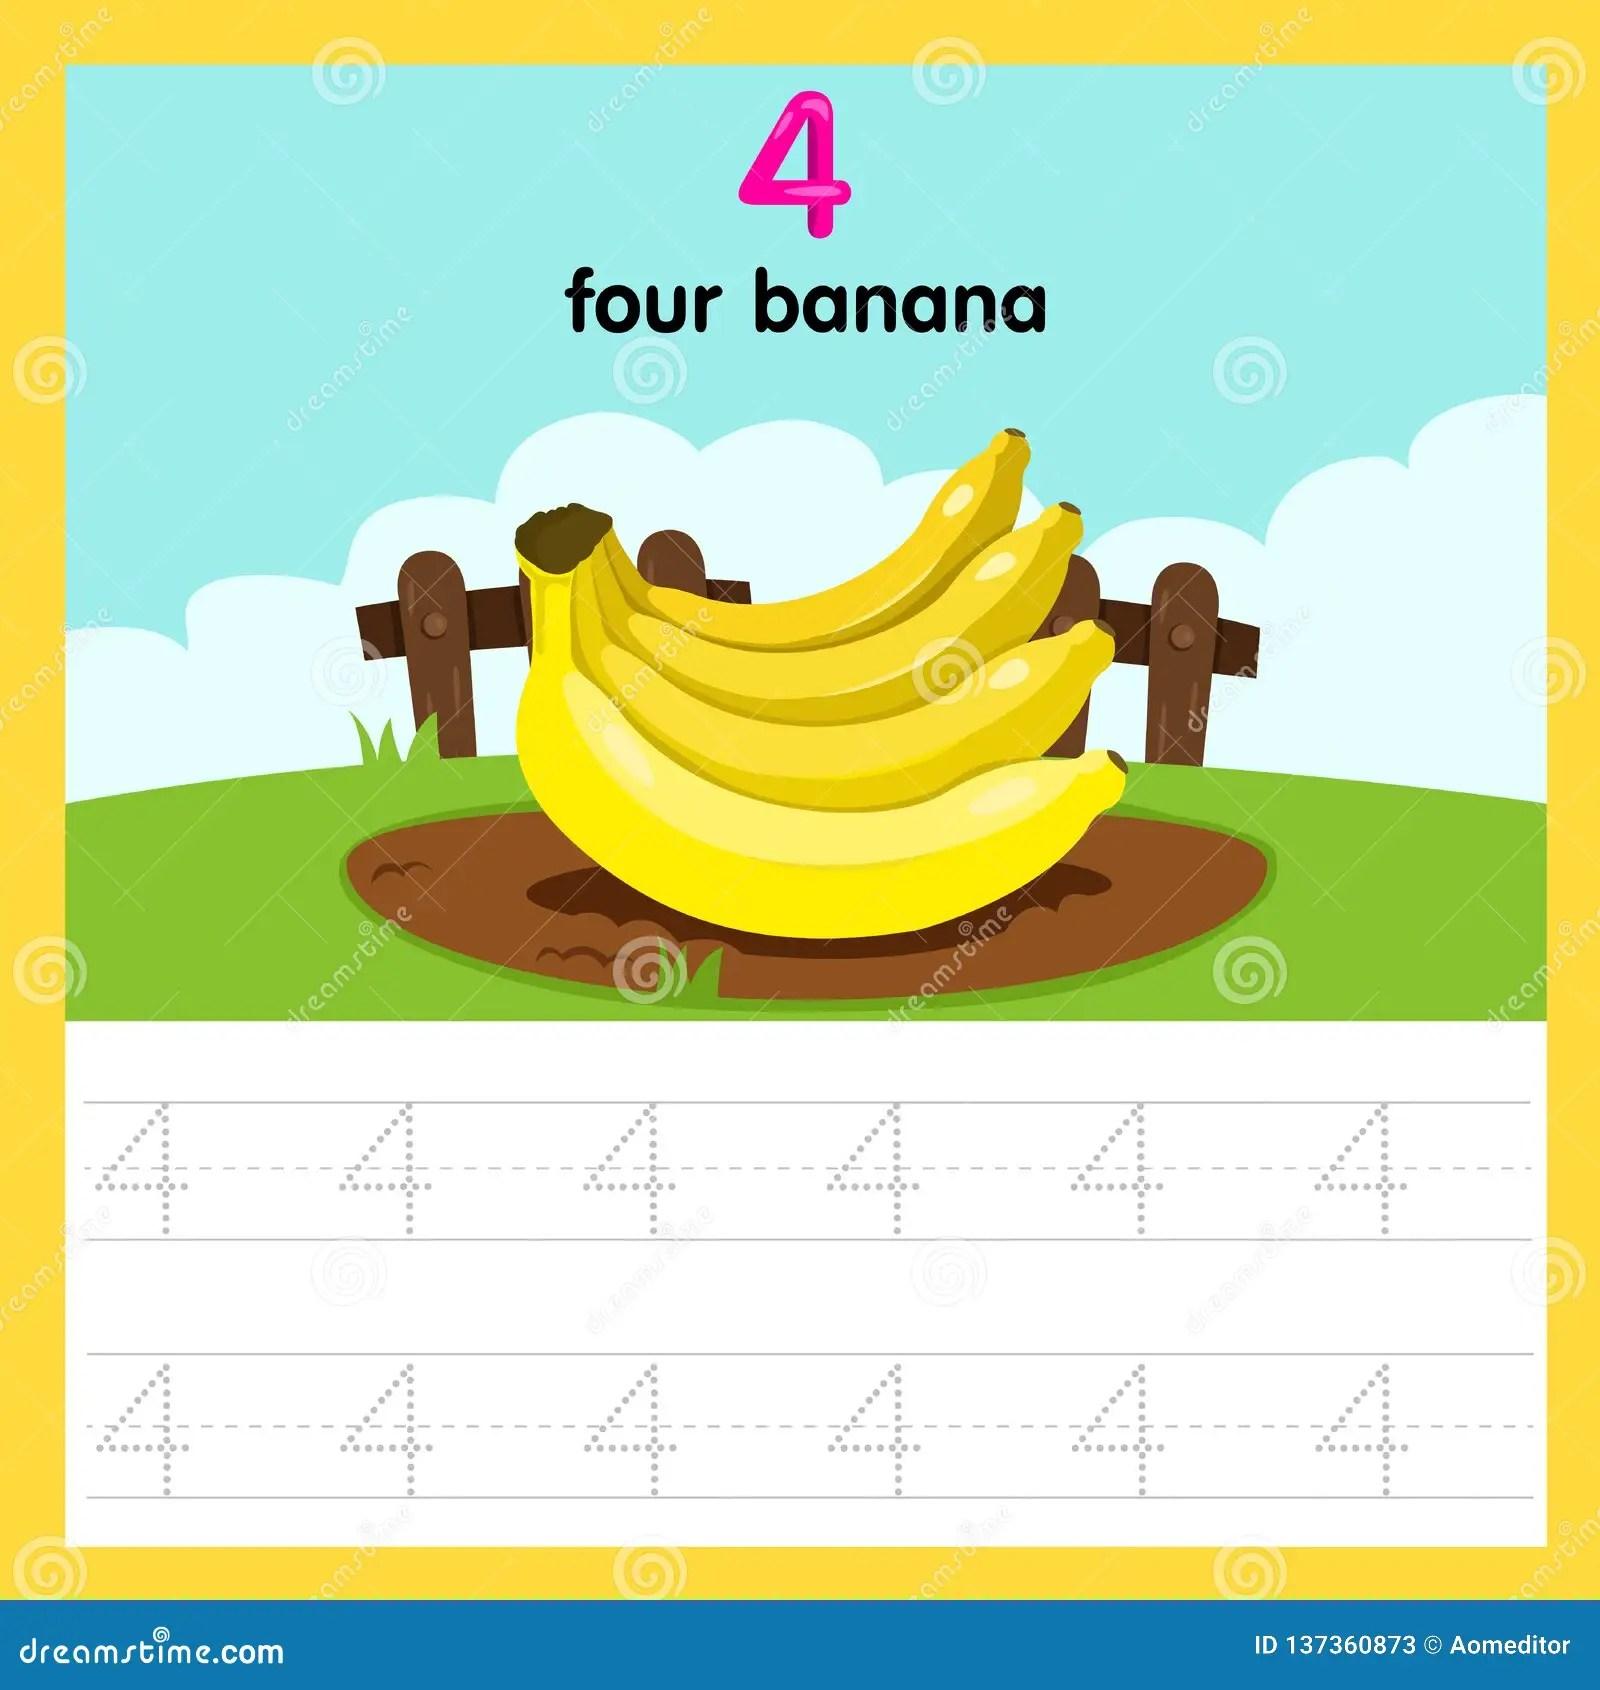 Illustrator Of Worksheet Four Banana Stock Vector